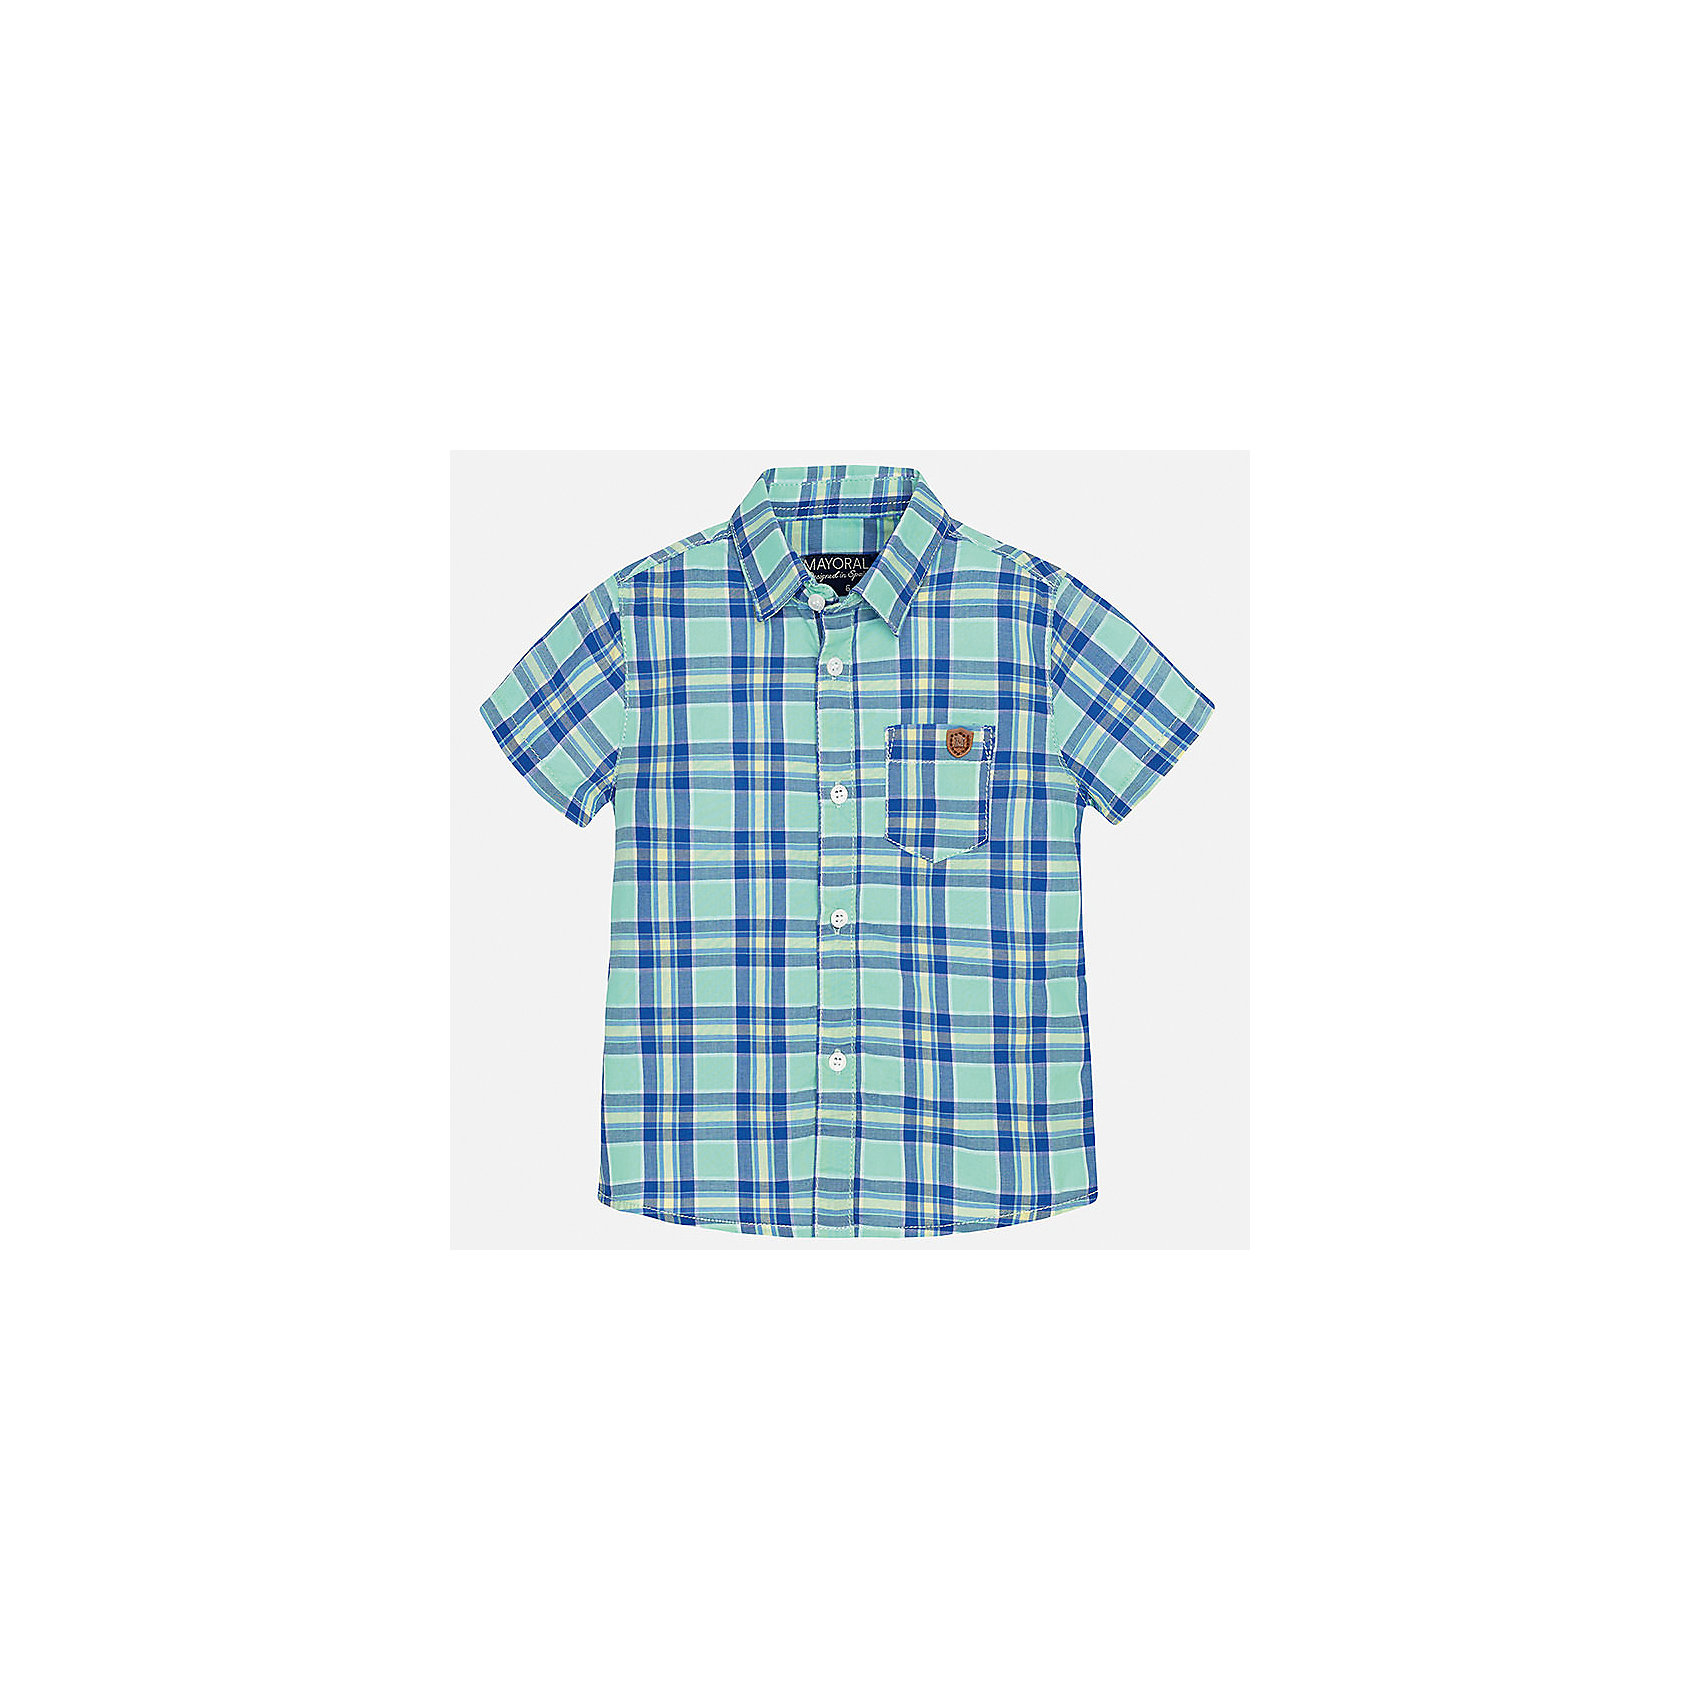 Рубашка для мальчика MayoralБлузки и рубашки<br>Характеристики товара:<br><br>• цвет: зеленый<br>• состав: 100% хлопок<br>• отложной воротник<br>• короткие рукава<br>• застежка: пуговицы<br>• карман на груди<br>• страна бренда: Испания<br><br>Красивая рубашка может отлично дополнить гардероб ребенка. Она хорошо сочетается с брюками, шортами, джинсами и т.д. Универсальный крой и цвет позволяет подобрать к вещи низ разных расцветок. Практичное и стильное изделие! В составе материала - только натуральный хлопок, гипоаллергенный, приятный на ощупь, дышащий.<br><br>Одежда, обувь и аксессуары от испанского бренда Mayoral полюбились детям и взрослым по всему миру. Модели этой марки - стильные и удобные. Для их производства используются только безопасные, качественные материалы и фурнитура. Порадуйте ребенка модными и красивыми вещами от Mayoral! <br><br>Рубашку для мальчика от испанского бренда Mayoral (Майорал) можно купить в нашем интернет-магазине.<br><br>Ширина мм: 174<br>Глубина мм: 10<br>Высота мм: 169<br>Вес г: 157<br>Цвет: зеленый<br>Возраст от месяцев: 12<br>Возраст до месяцев: 15<br>Пол: Мужской<br>Возраст: Детский<br>Размер: 80,92,86<br>SKU: 5279472